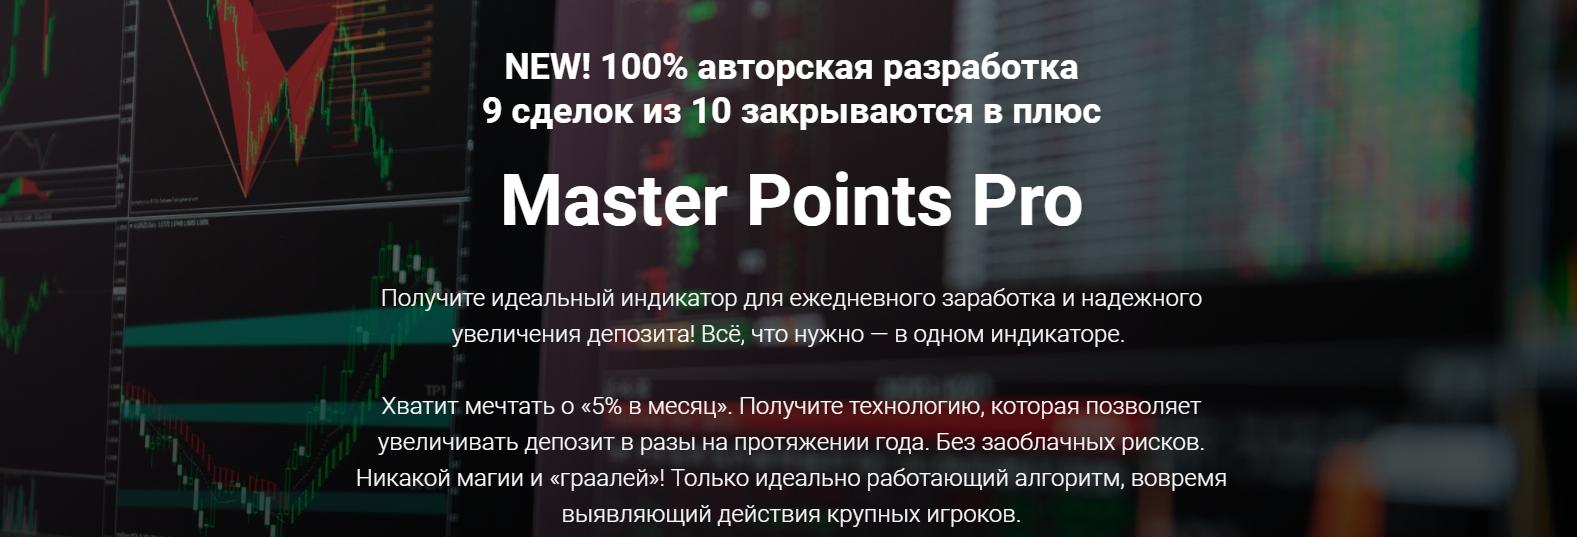 Индикатор Master Points Pro (2019)